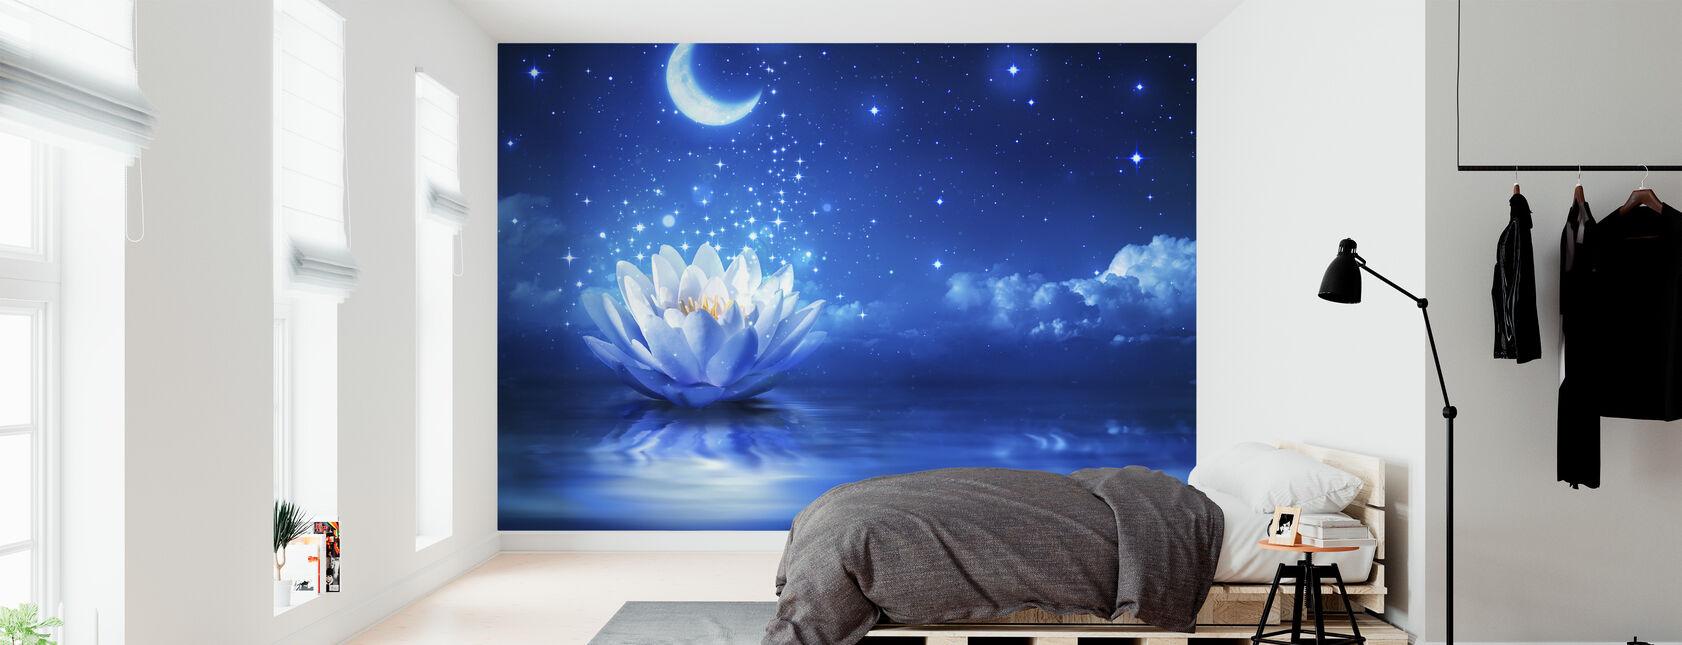 Lumilja Kuu - Tapetti - Makuuhuone